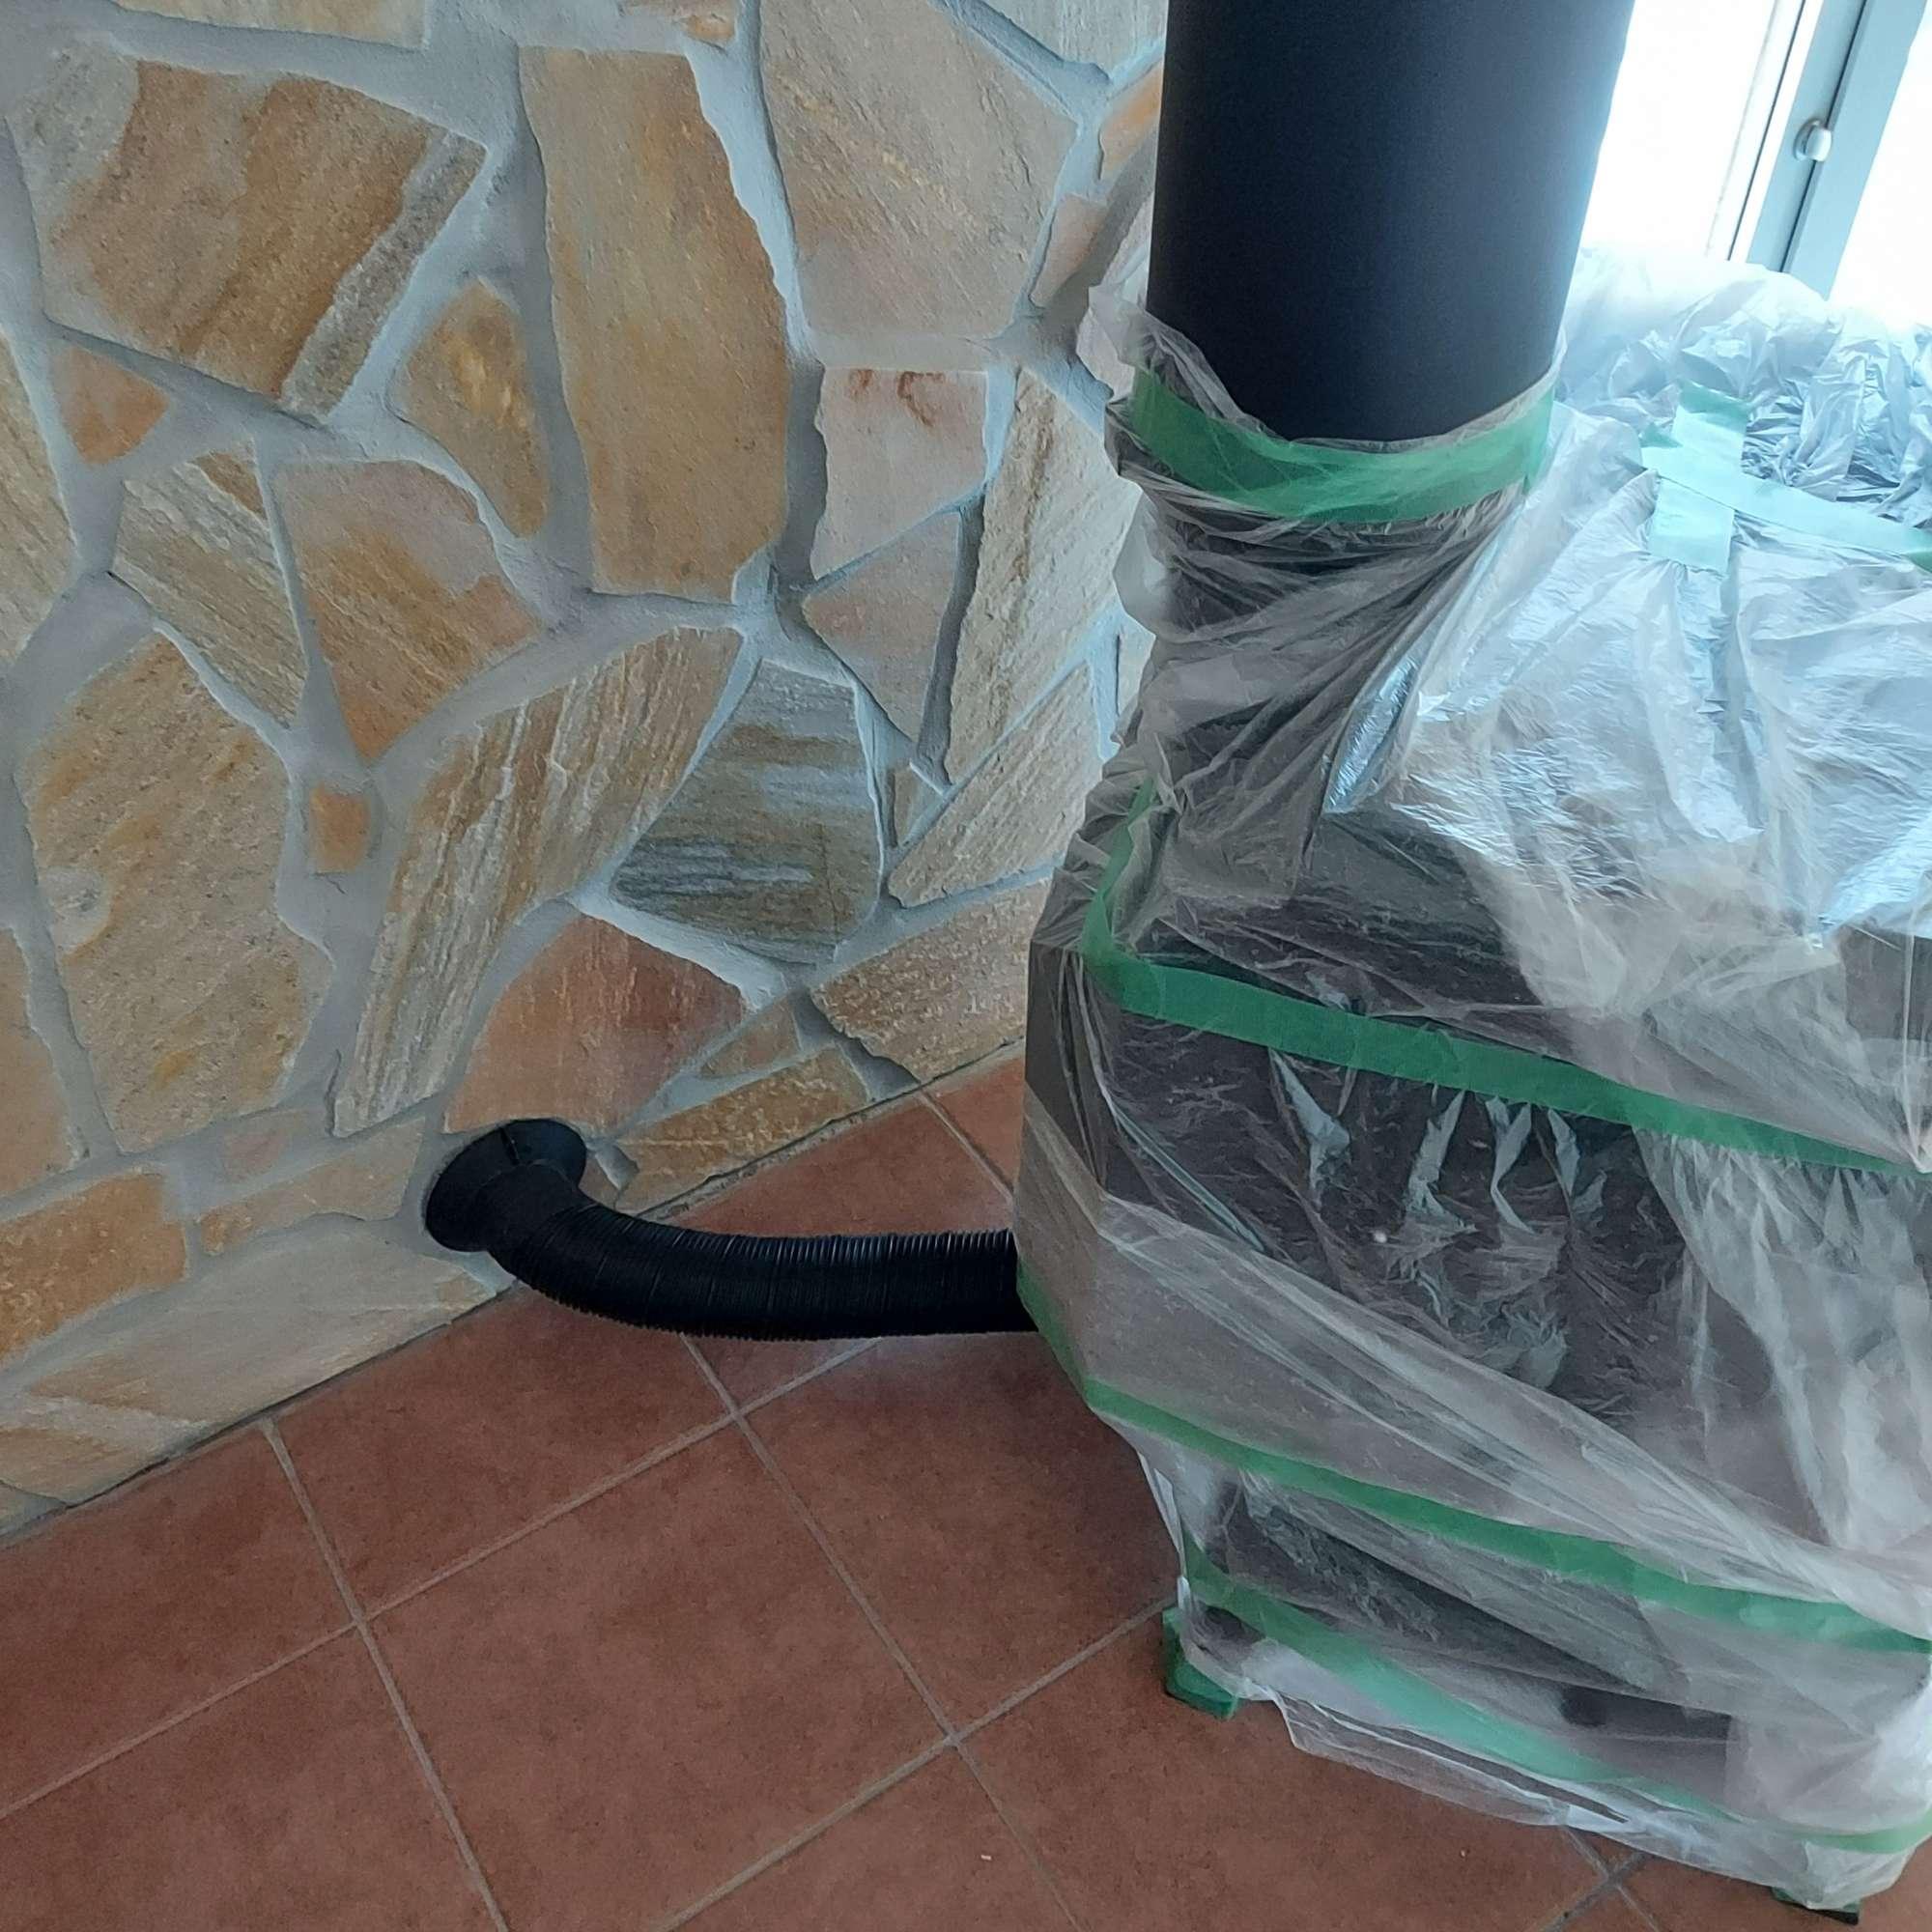 薪ストーブ設置 -  -  -